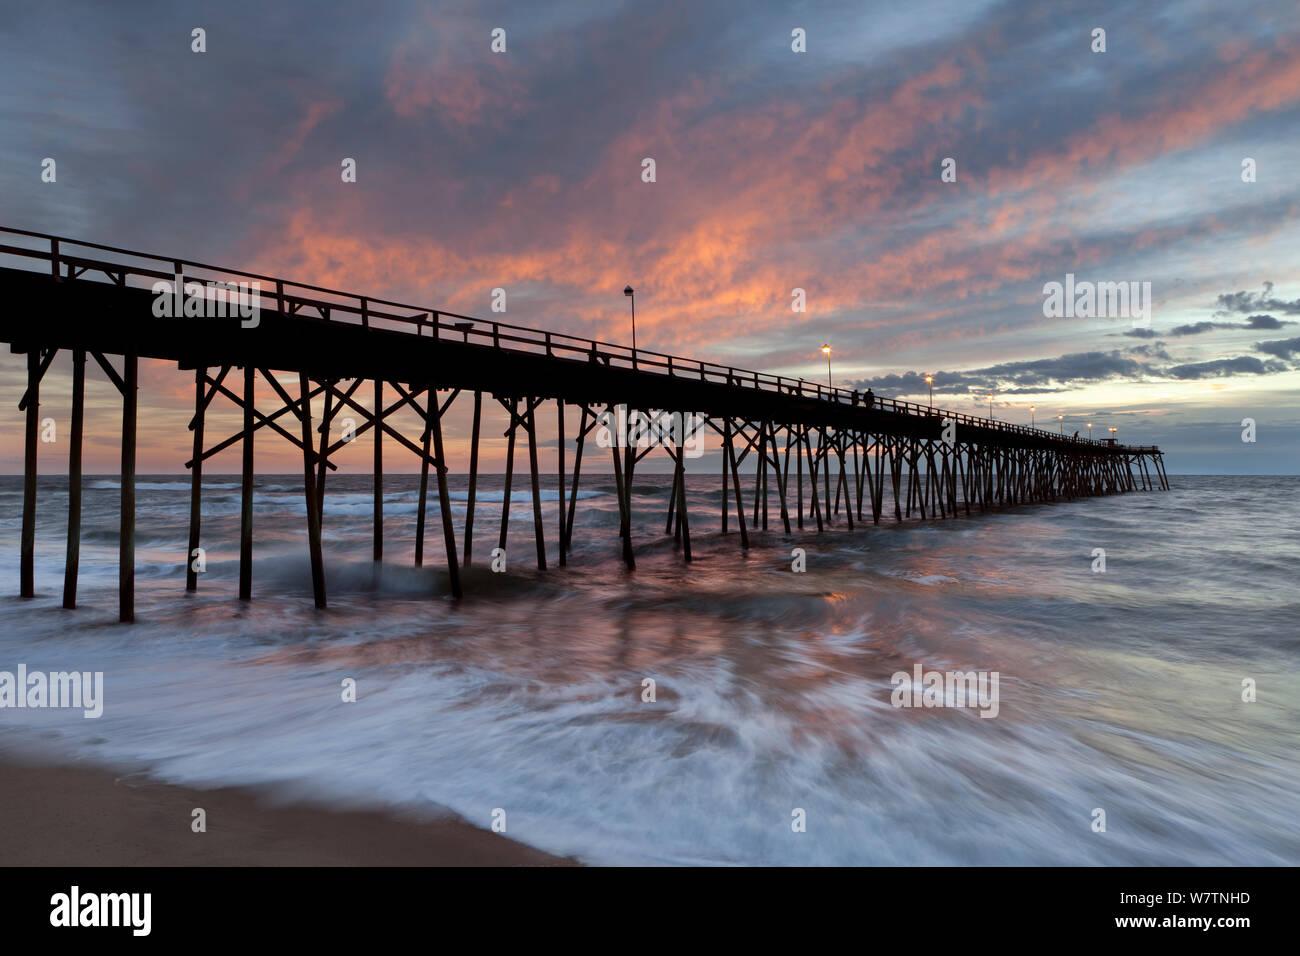 Kure Beach Stock Photos & Kure Beach Stock Images - Alamy